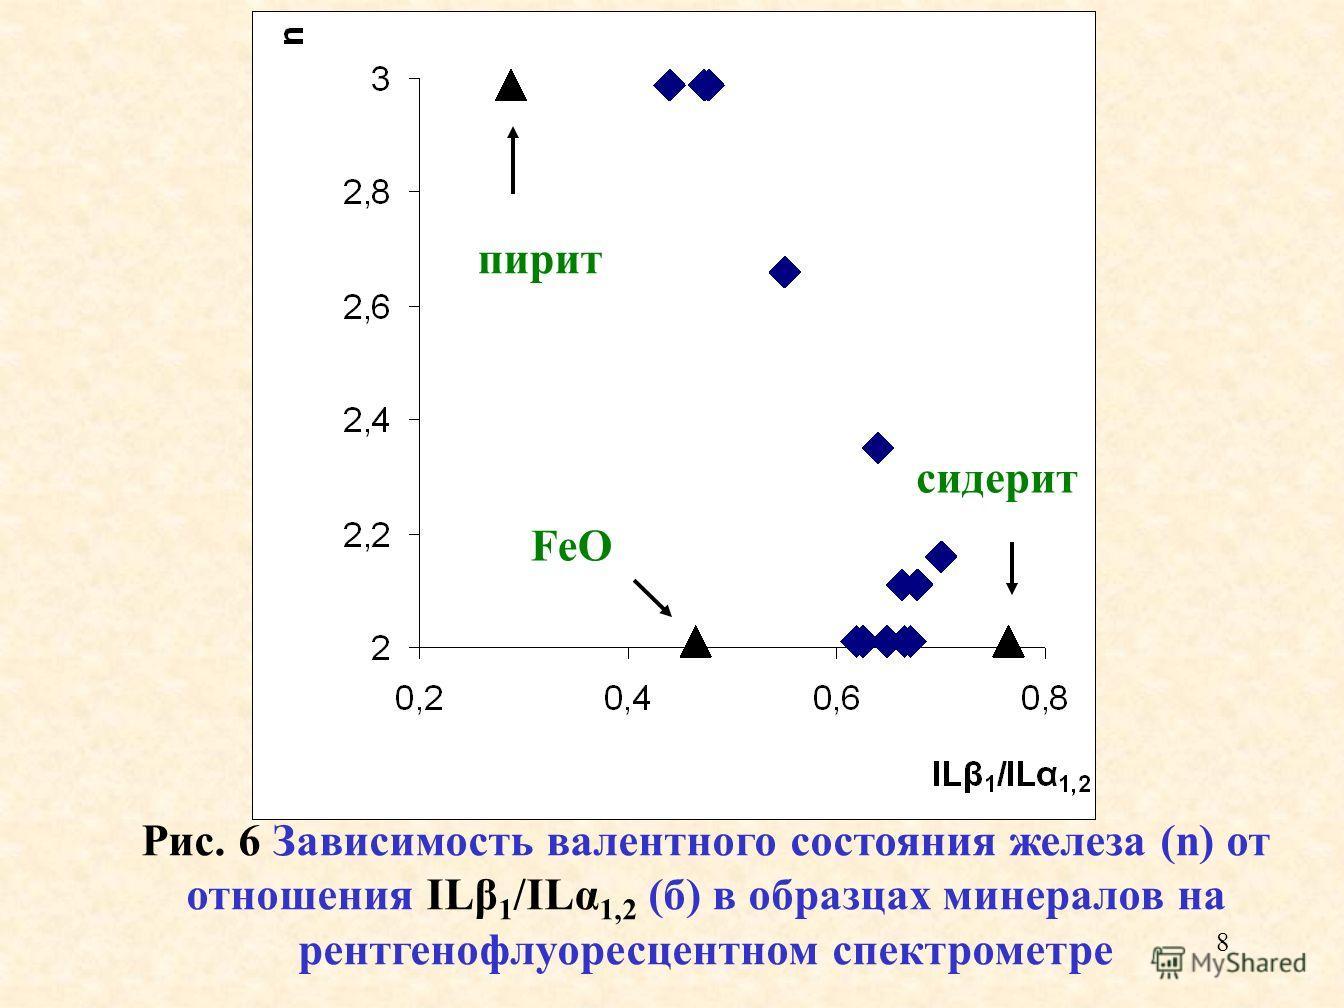 8 Рис. 6 Зависимость валентного состояния железа (n) от отношения ILβ 1 /ILα 1,2 (б) в образцах минералов на рентгенофлуоресцентном спектрометре сидерит пирит FeO